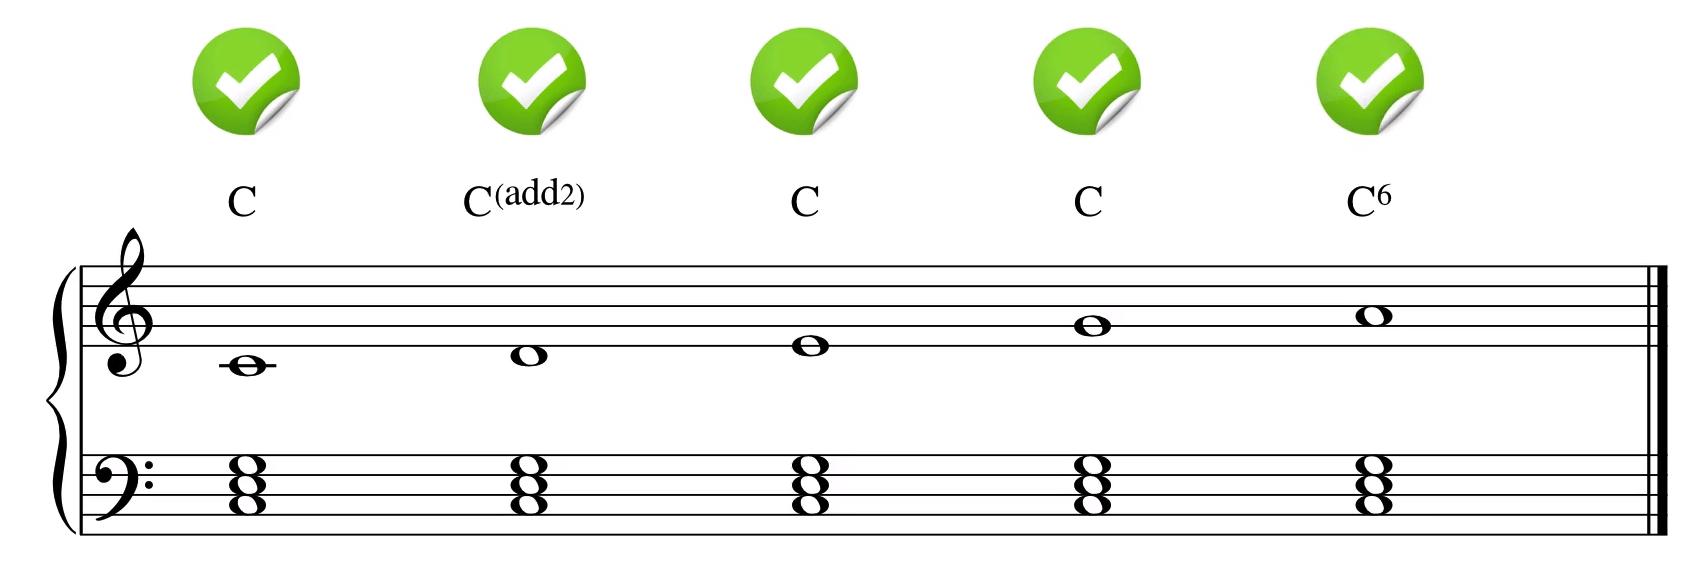 五声音阶放在一级和弦上